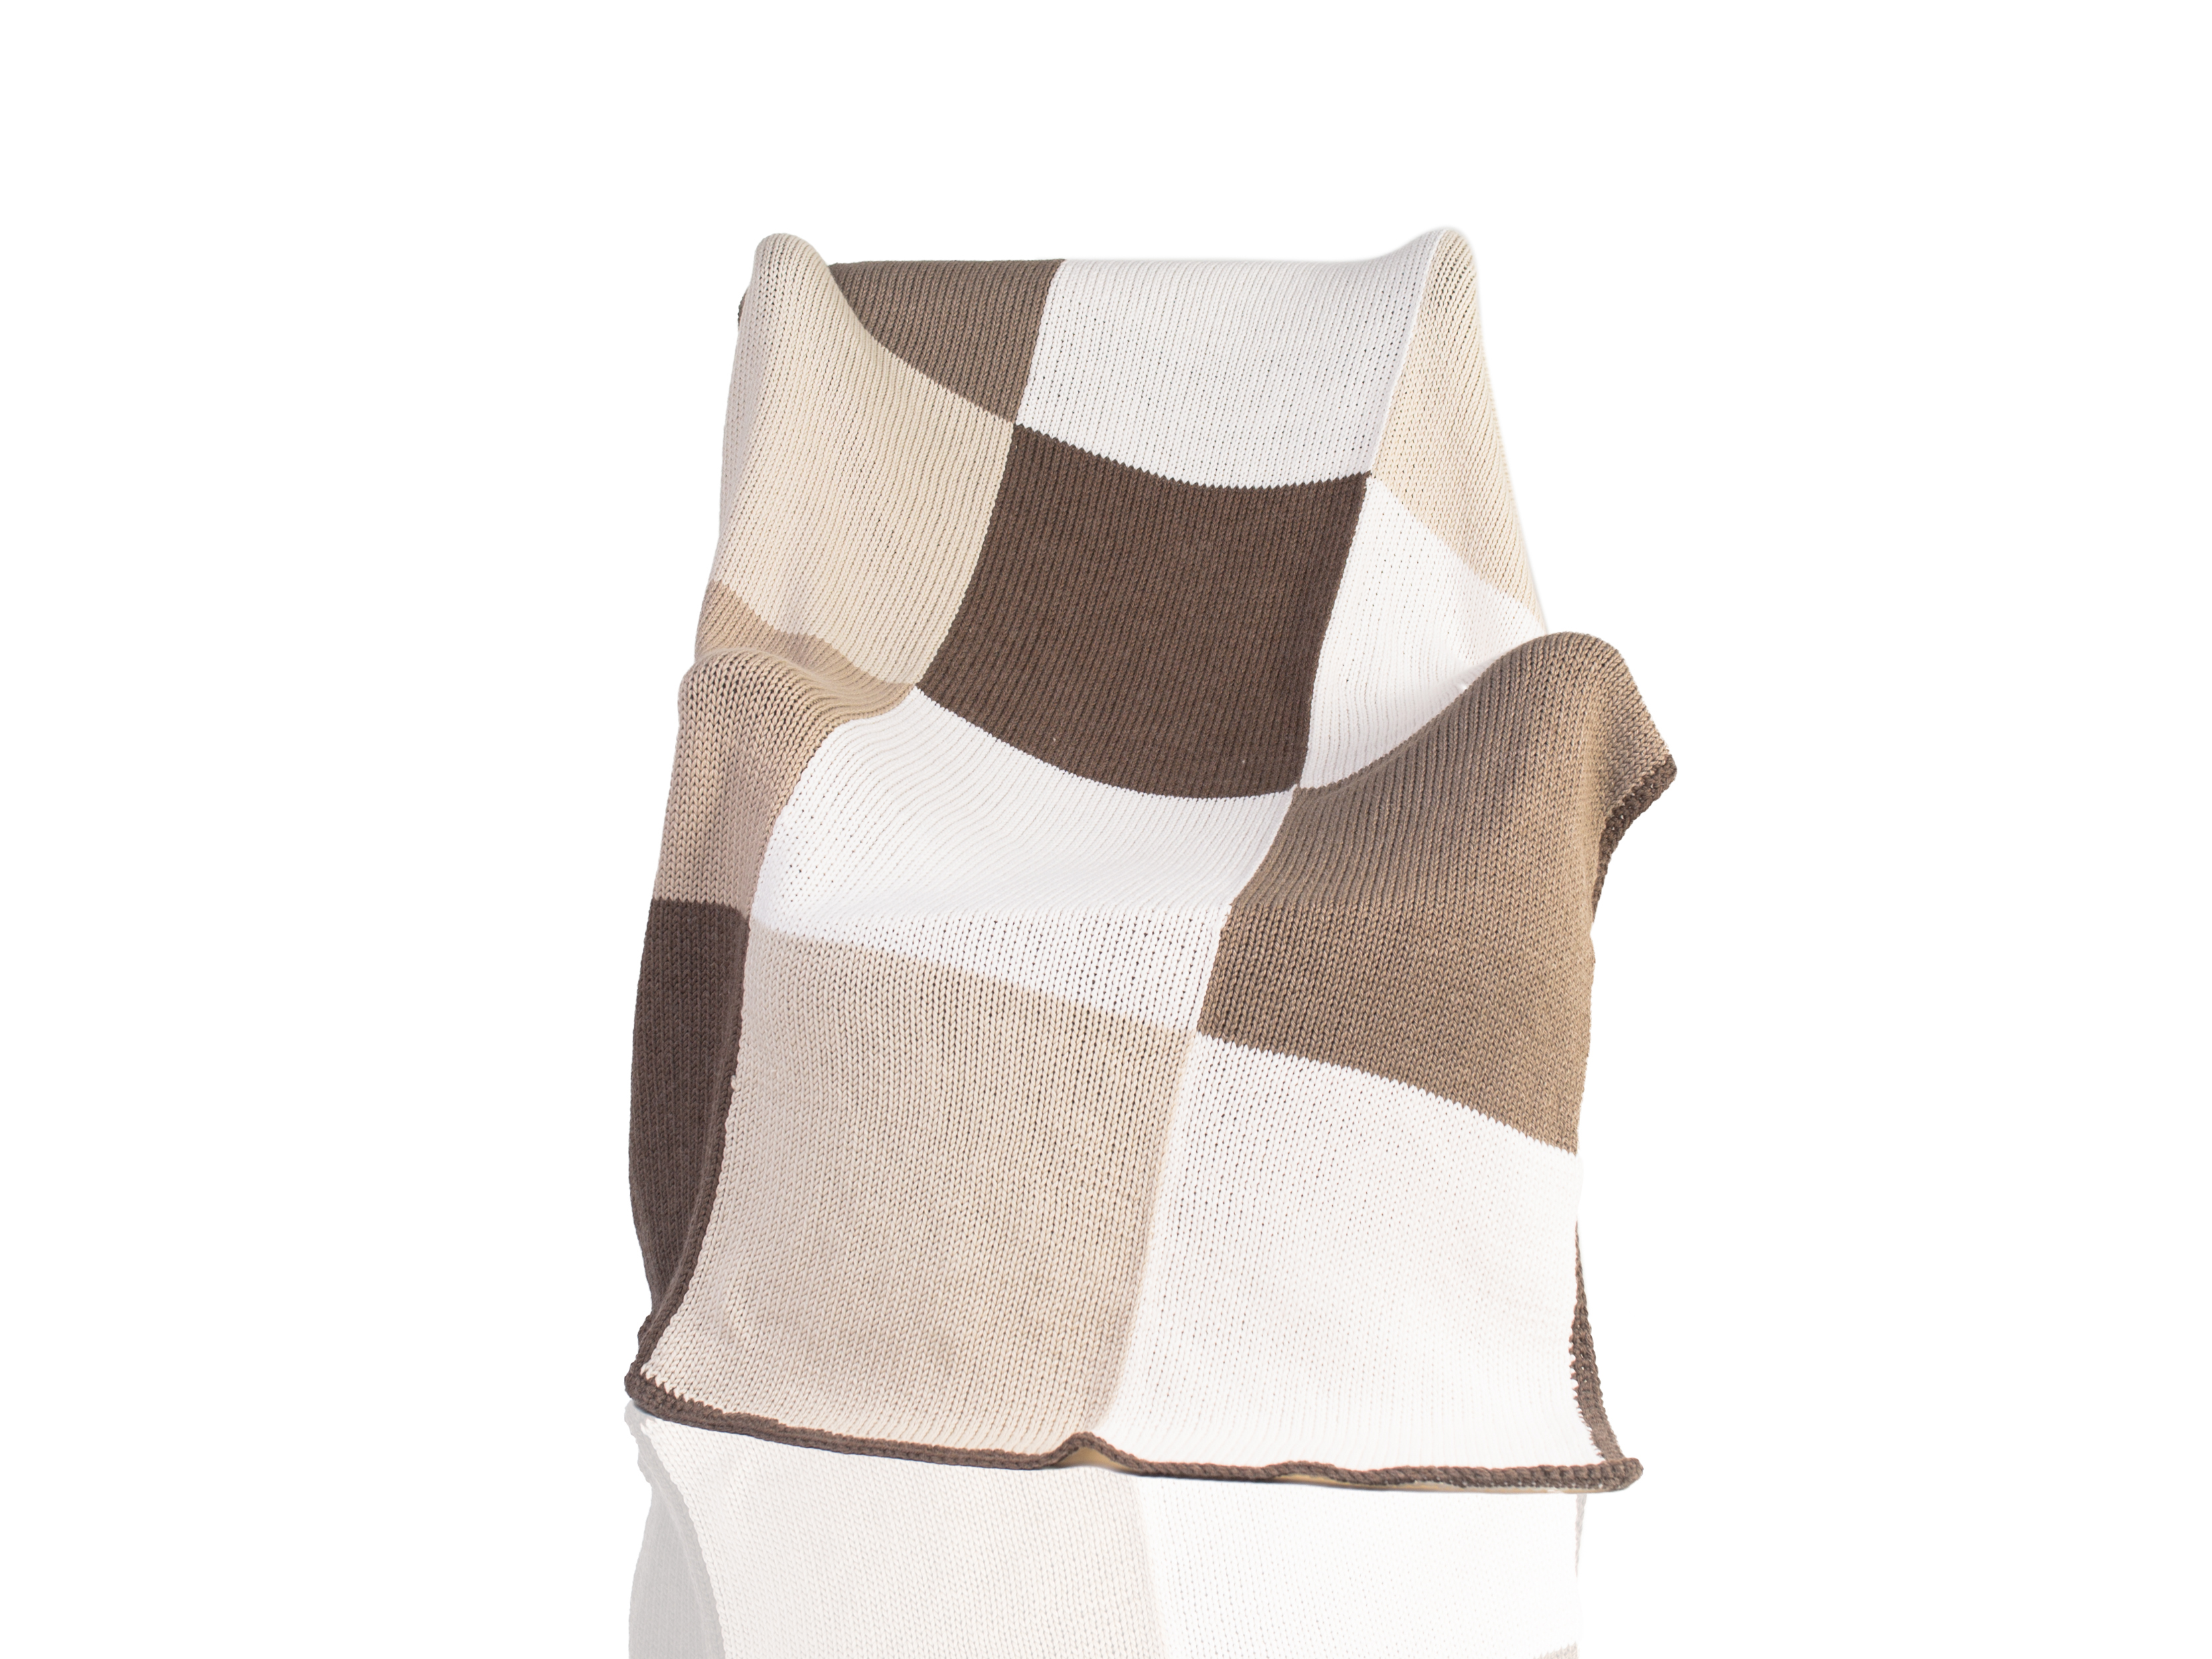 Плед IrtyshПледы со смешанным составом<br>Иртыш - вязаный плед ручной работы - сделан из высококачественных материалов в Барселоне, Испания. Удобная и красивая, эта вещь в традиционном стиле добавит комфорта и уюта любому домашнему декору. Будь то прохладный вечер, дождливый день или ветреный полдень, этот мягкий вязаный плед сохранит вас в тепле. &amp;amp;nbsp;&amp;lt;div&amp;gt;&amp;lt;br&amp;gt;&amp;lt;/div&amp;gt;&amp;lt;div&amp;gt;Состав: 55% шерсть мериноса / 45% акрил&amp;amp;nbsp;&amp;lt;/div&amp;gt;<br><br>Material: Шерсть<br>Ширина см: 125.0<br>Высота см: 160.0